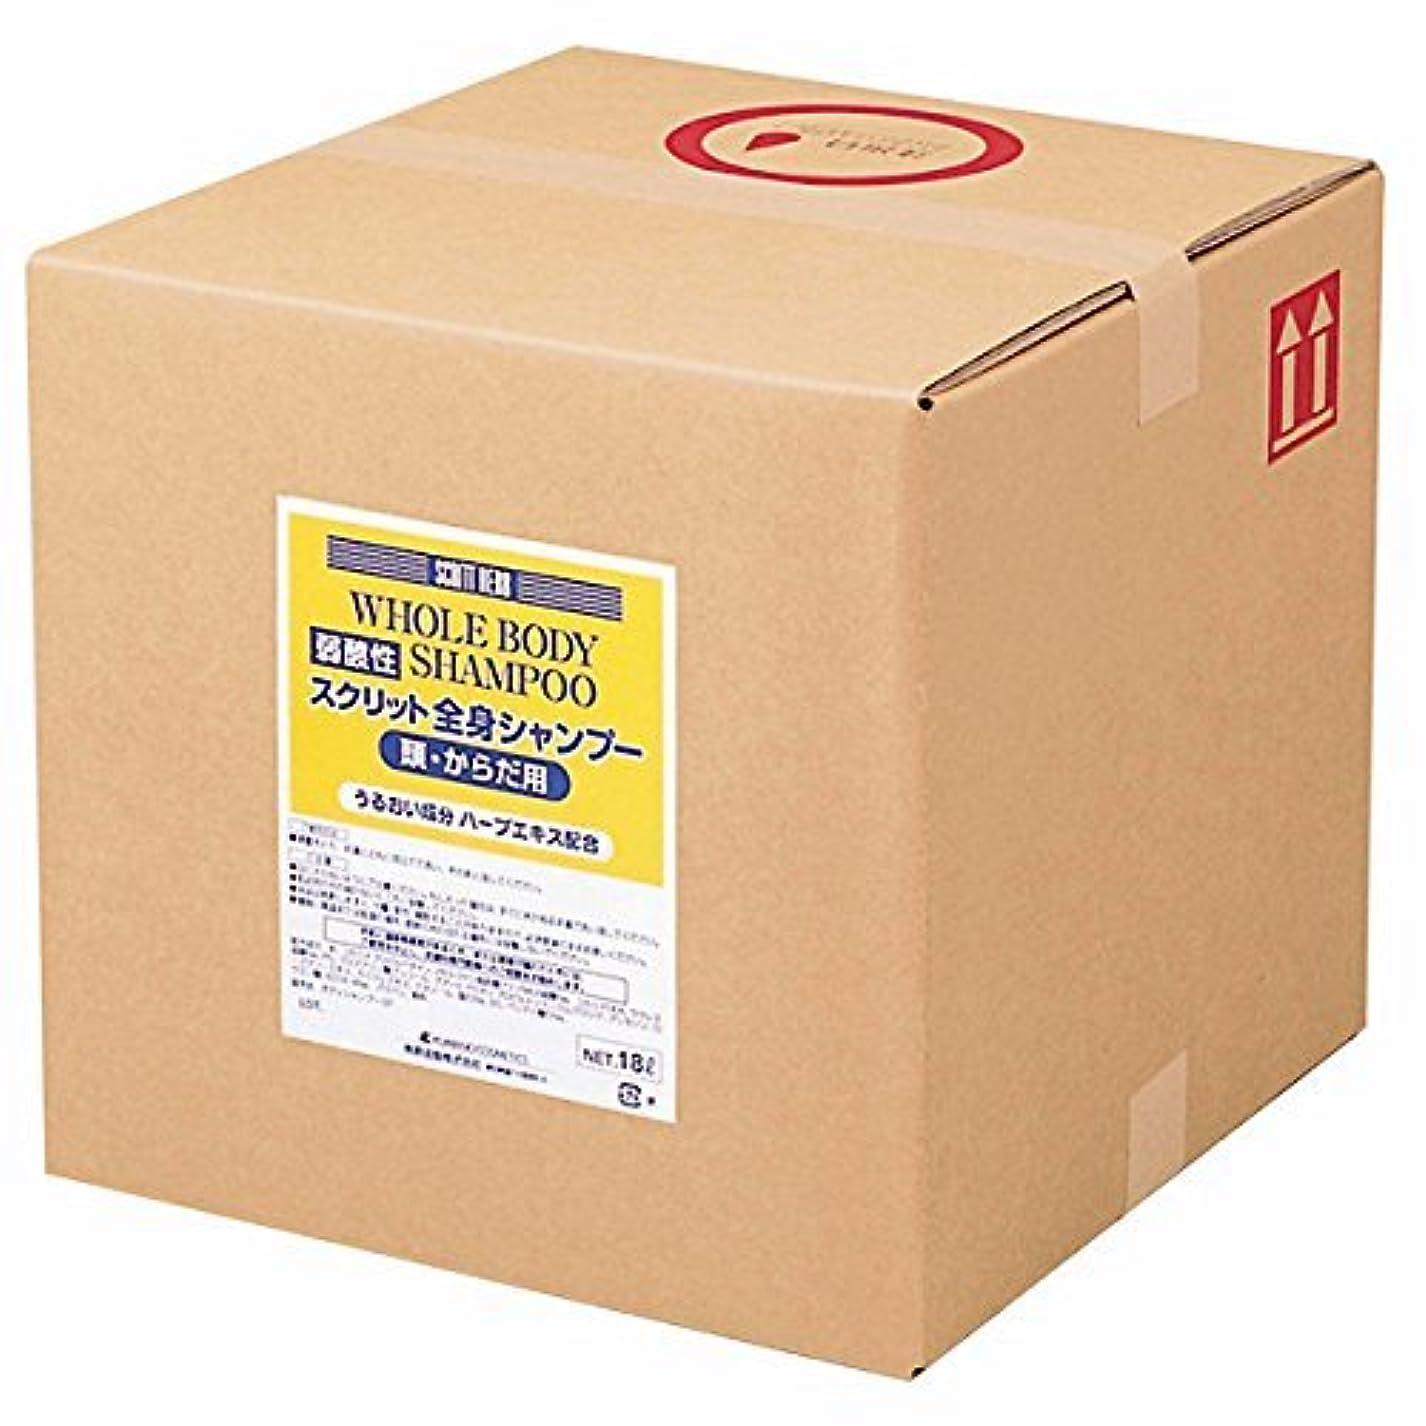 ずっとヒステリックドーム熊野油脂 業務用 SCRITT(スクリット) 全身シャンプー 18L